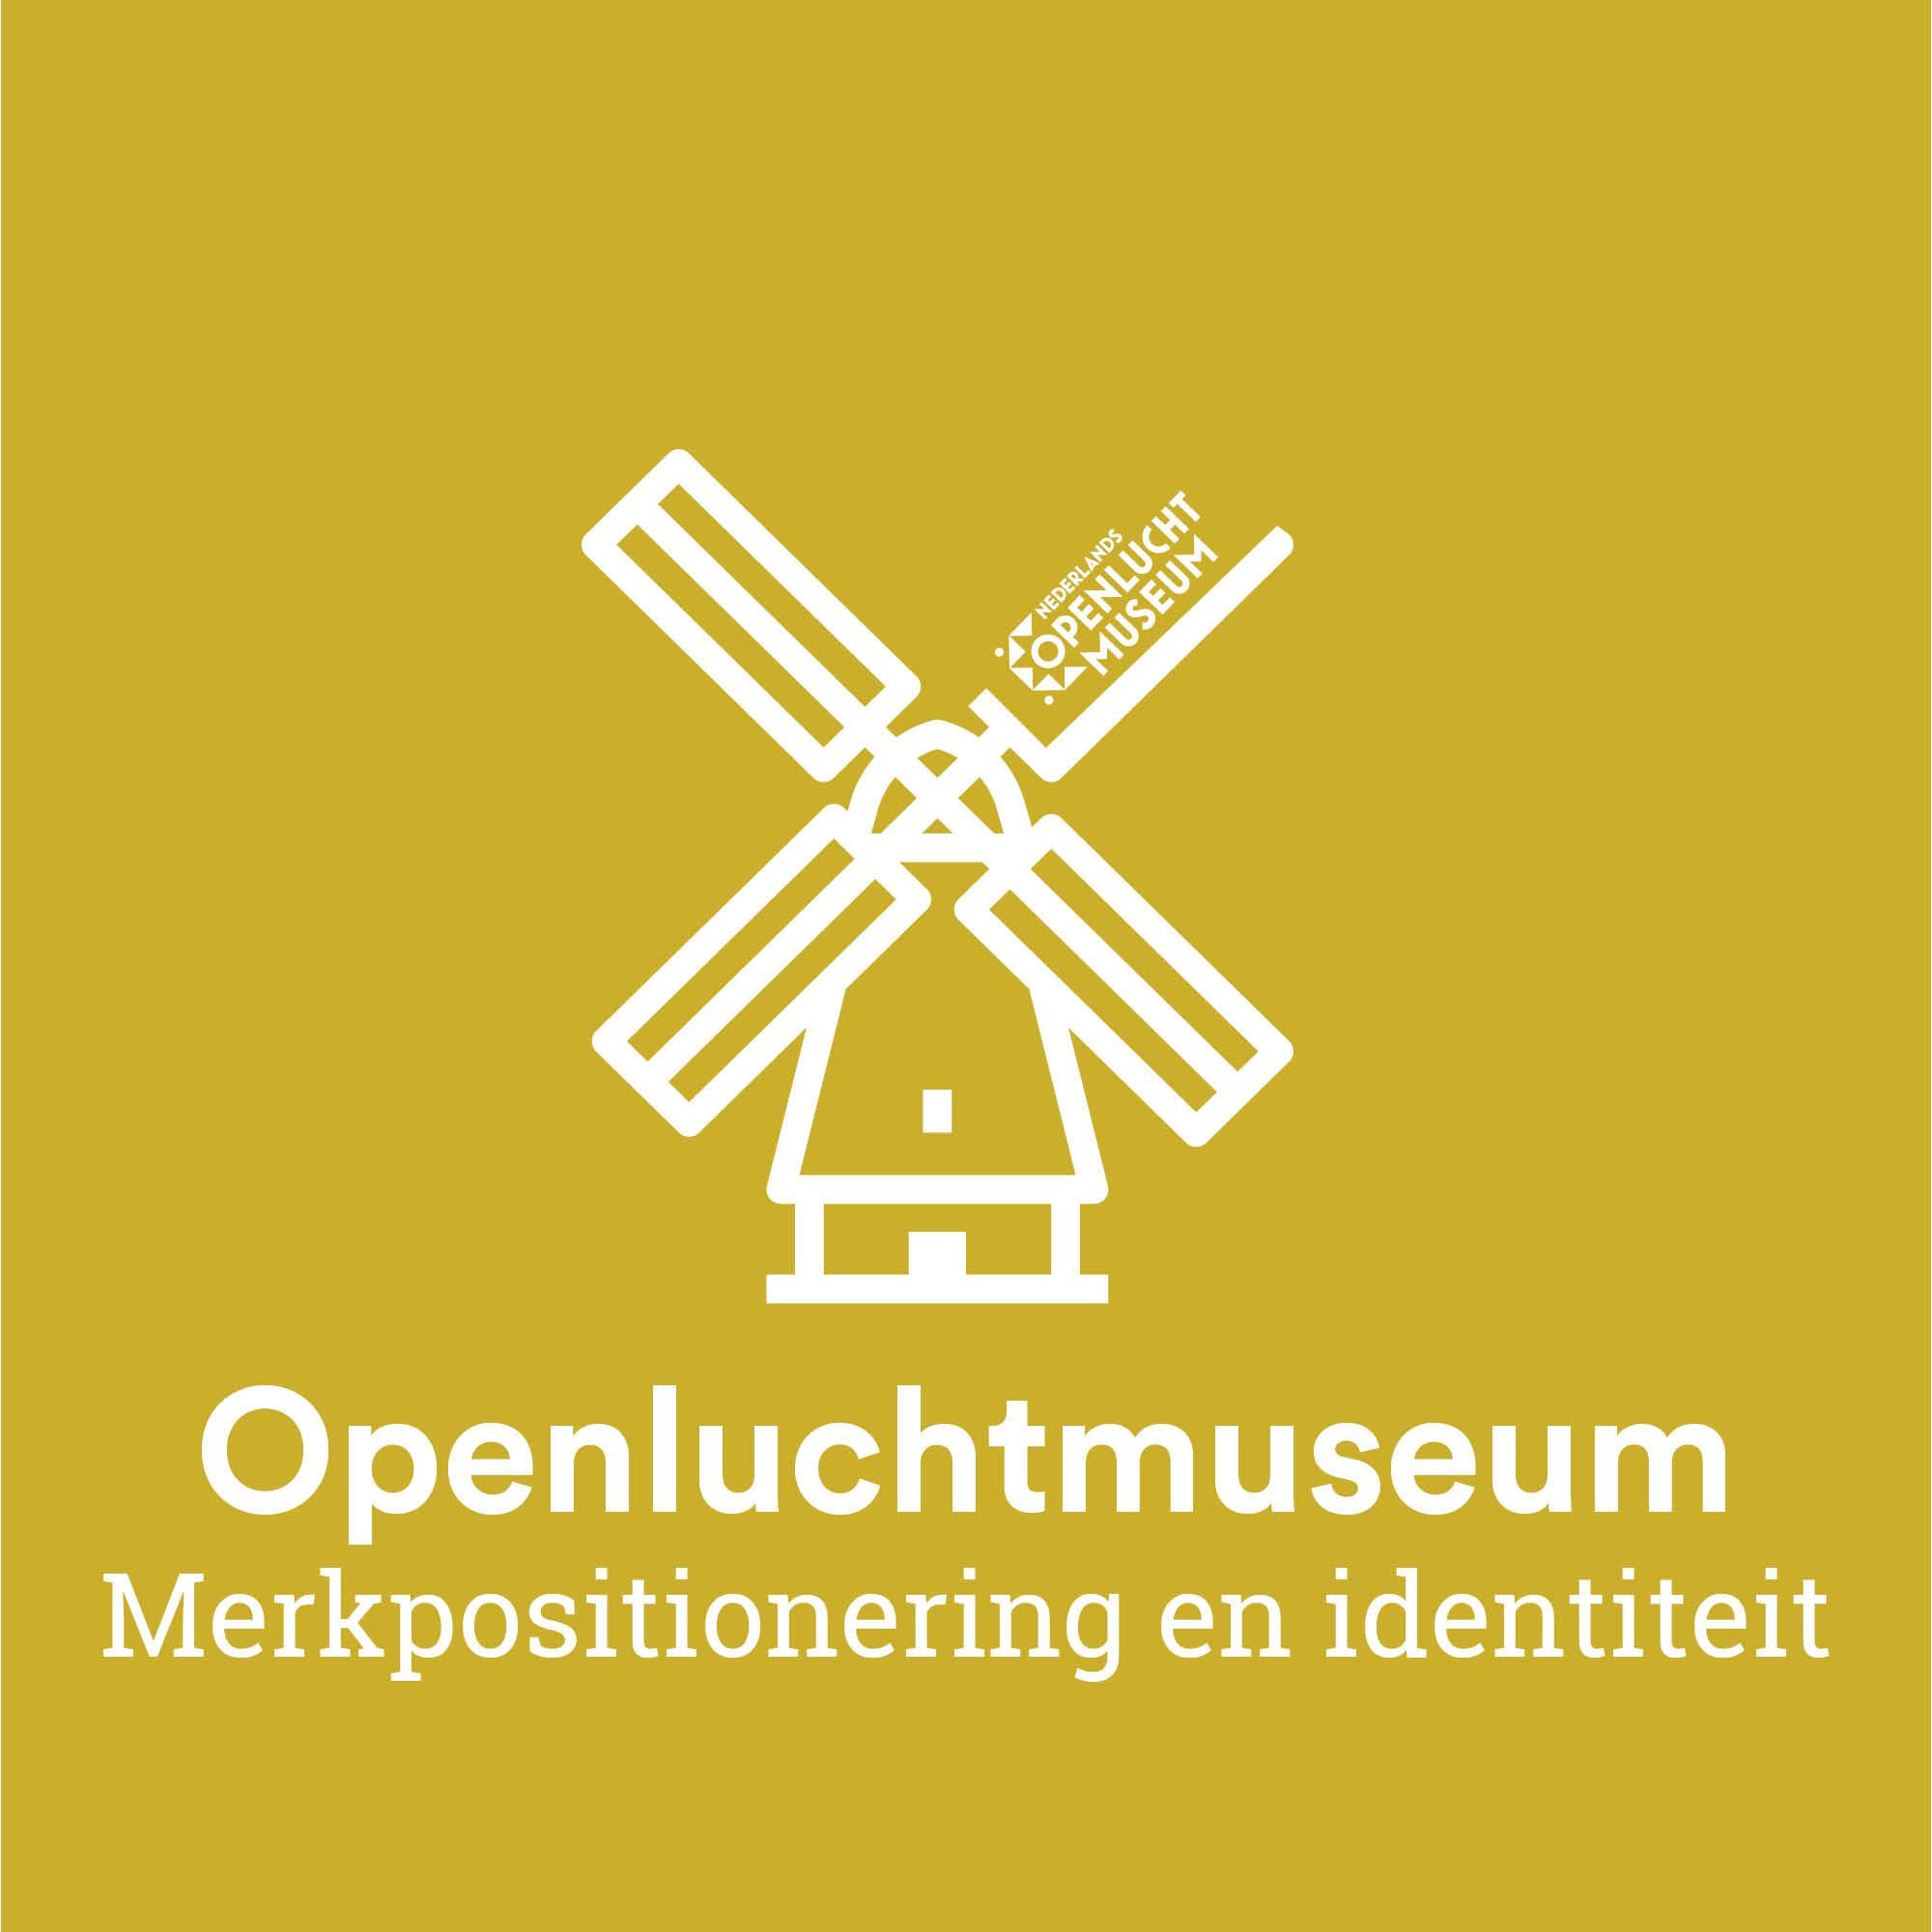 Nederlands Opneluchtmuseum